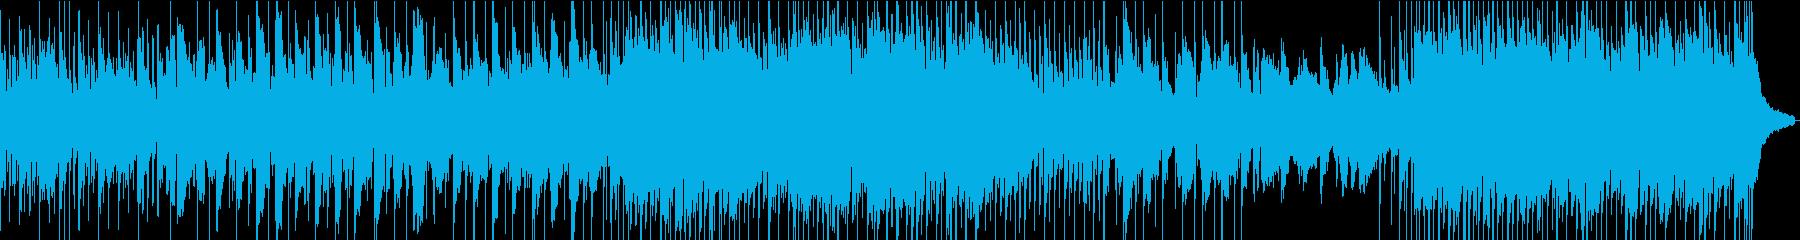 企業VPや映像に疾走感のあるフルートOPの再生済みの波形